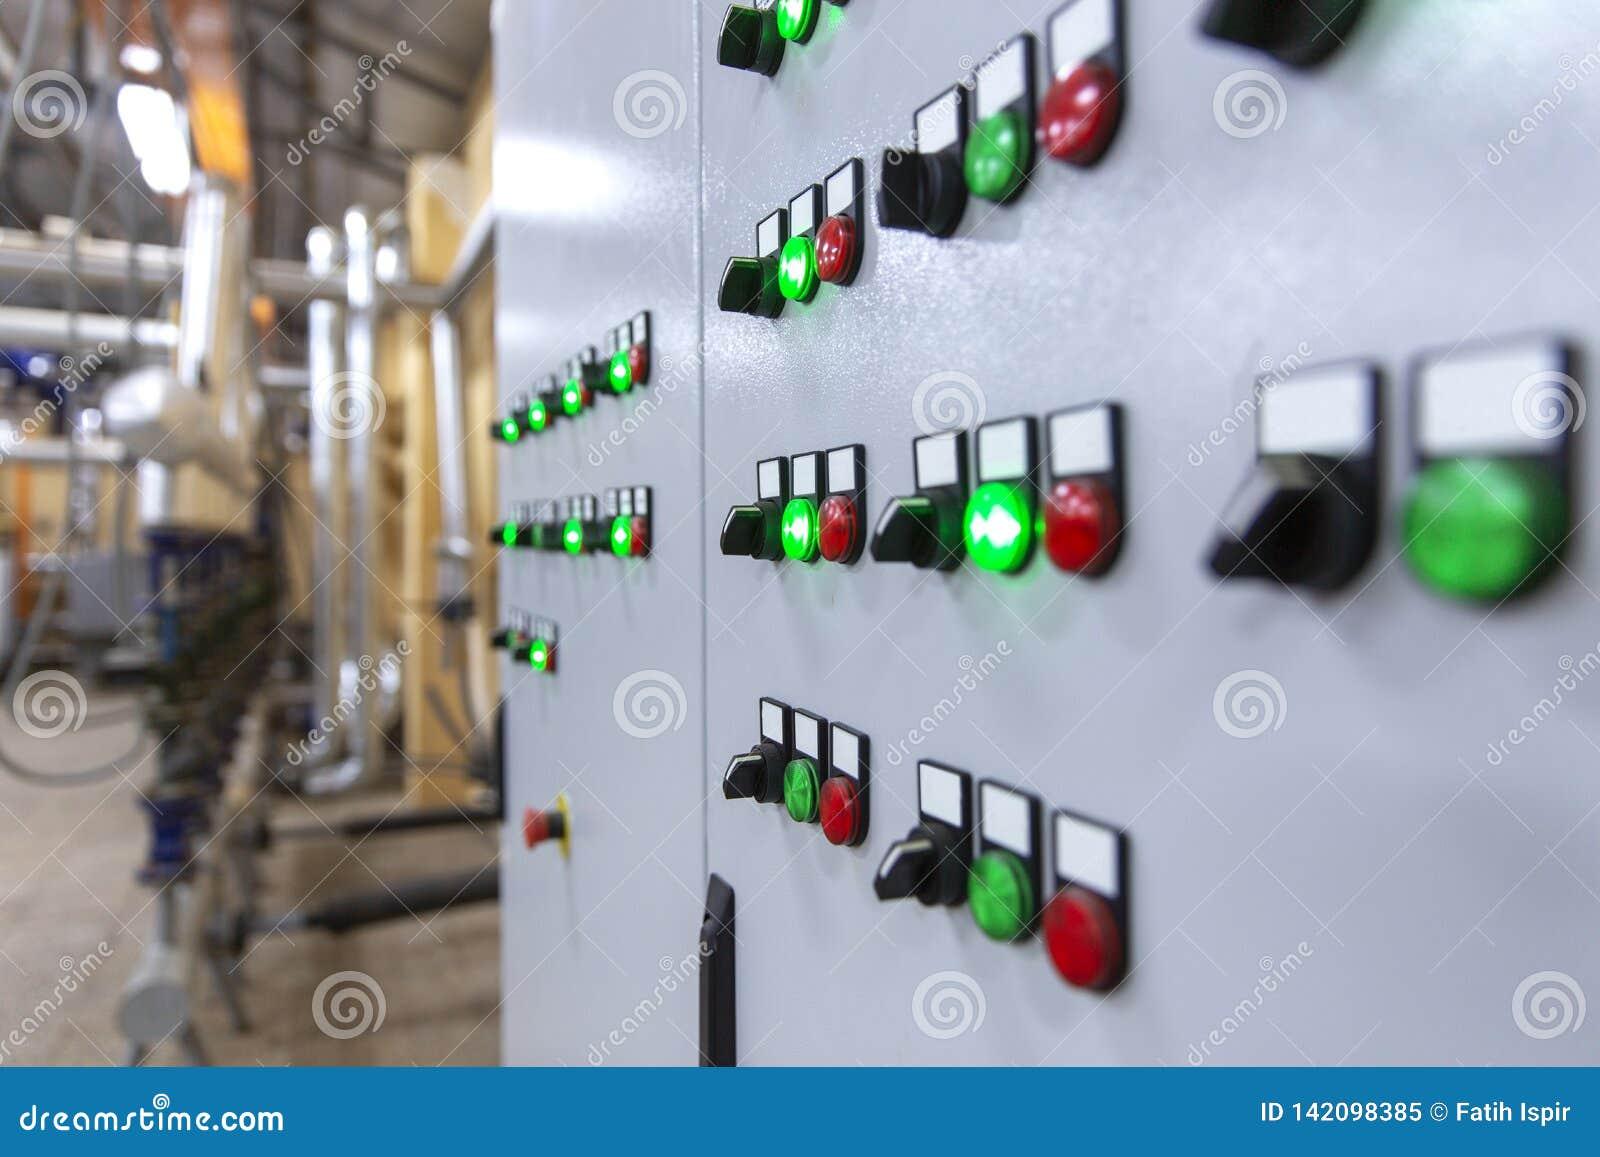 Panneau de commande industriel